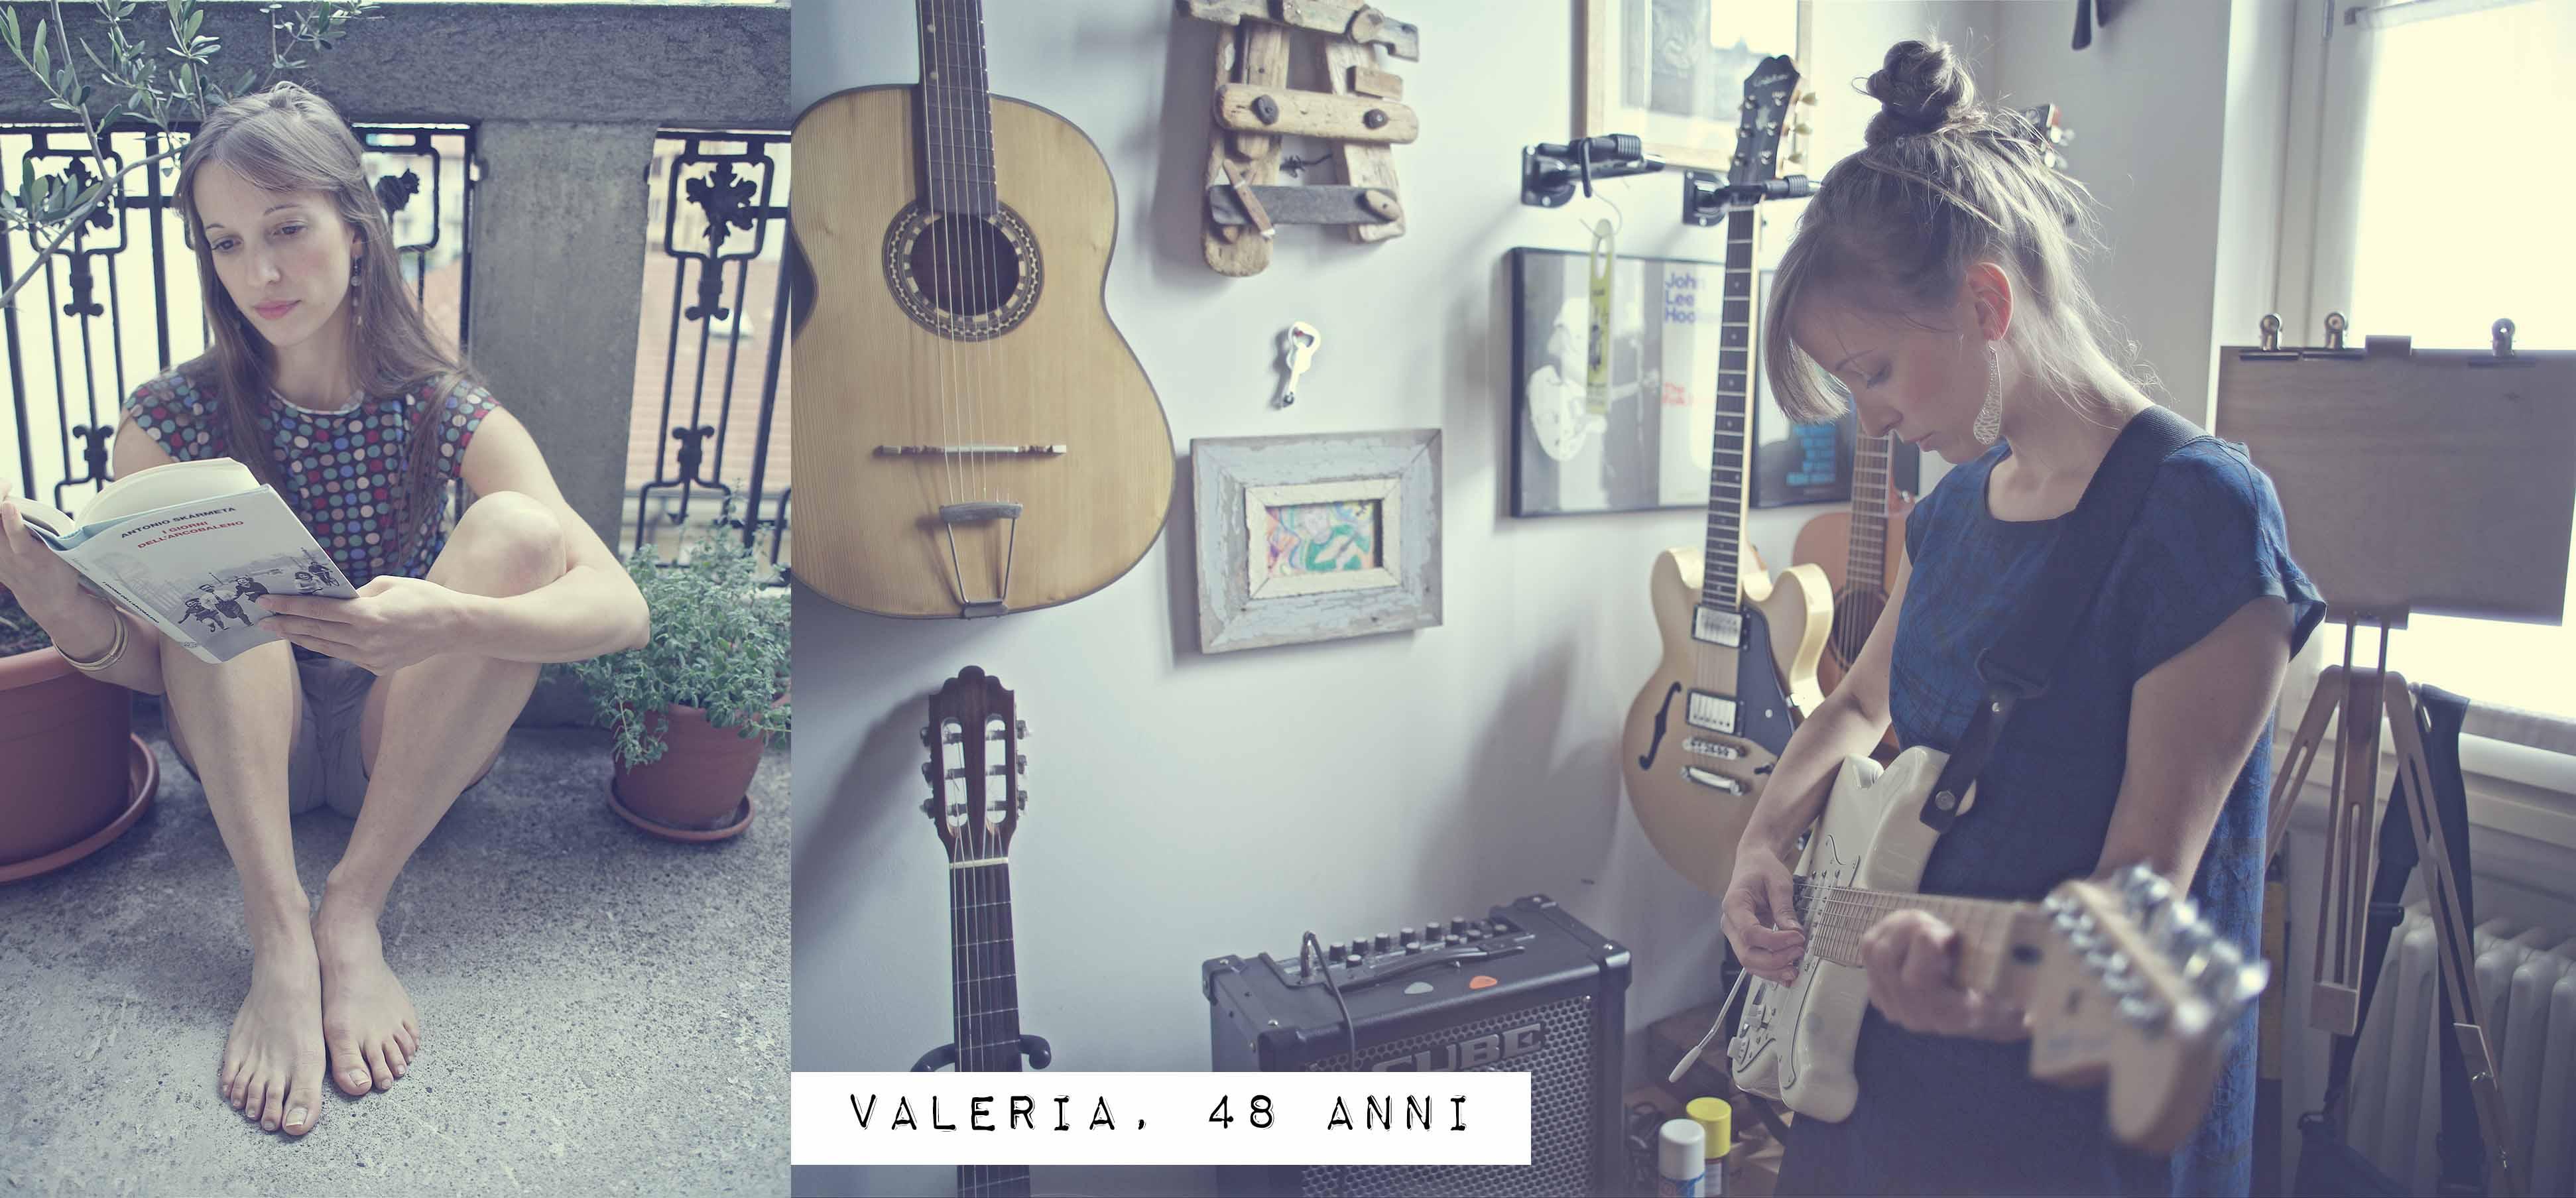 Valeria, 48 anni